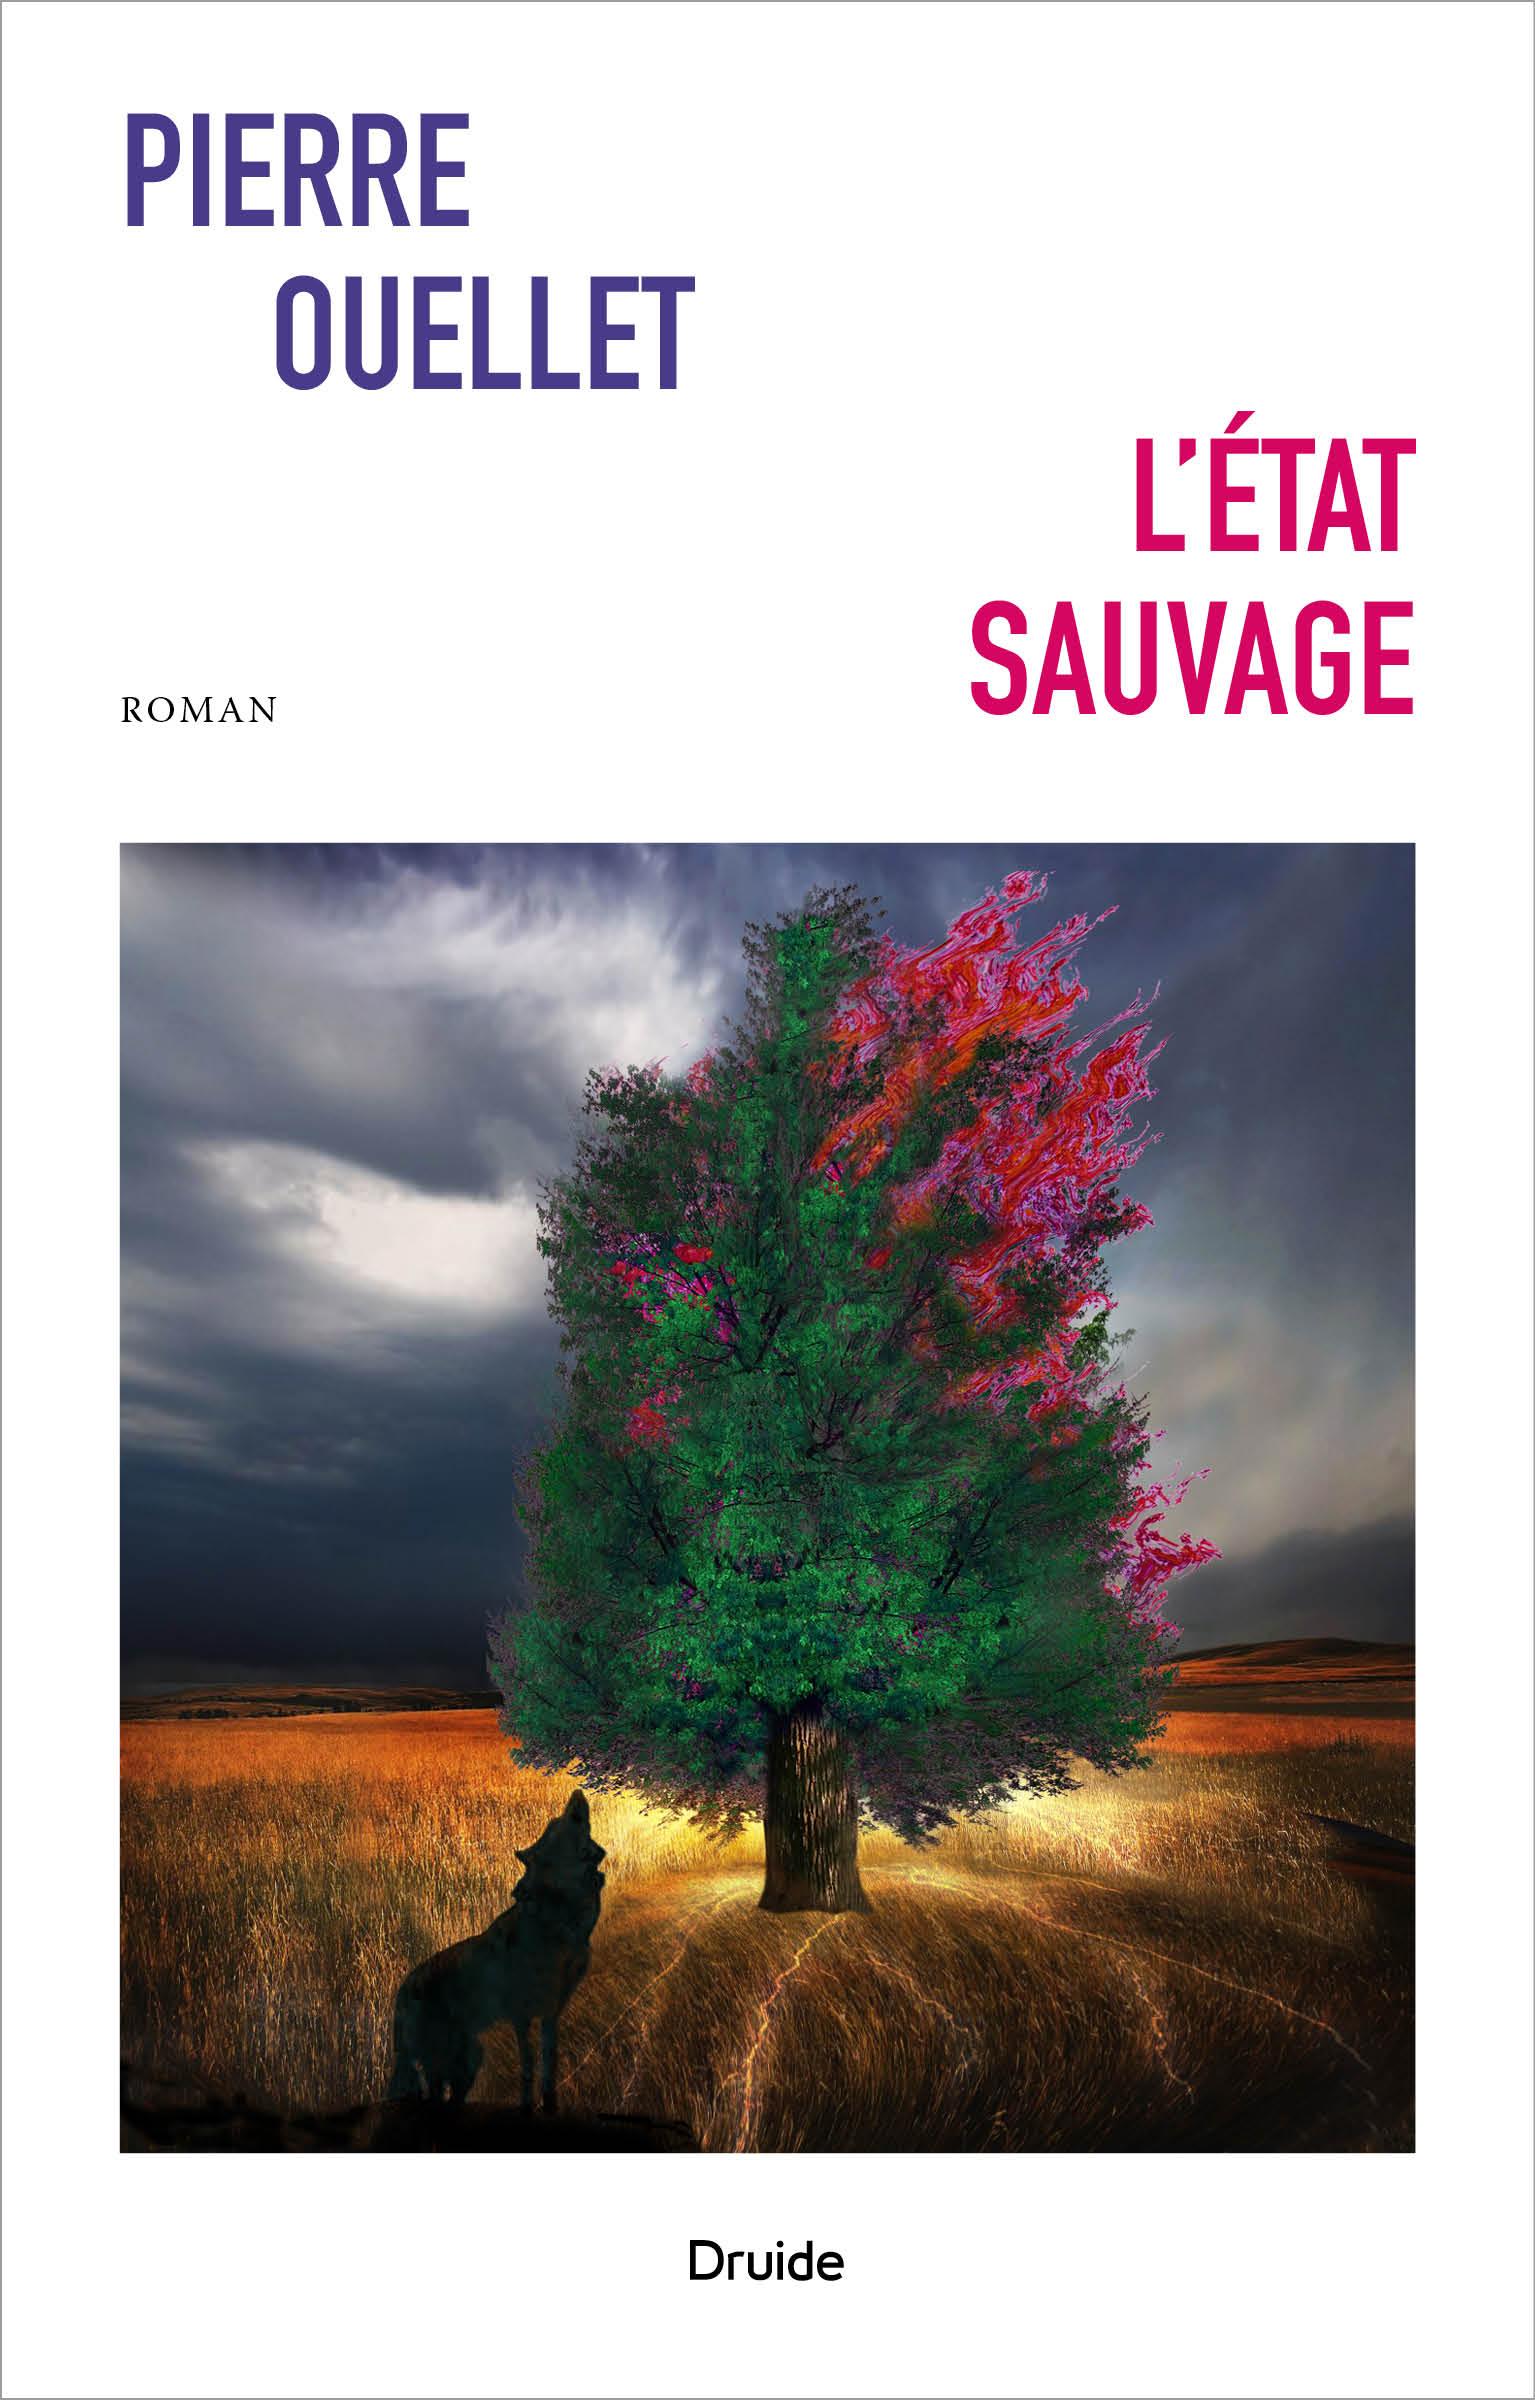 L'état sauvage, de Pierre Ouellet, éditions Druide